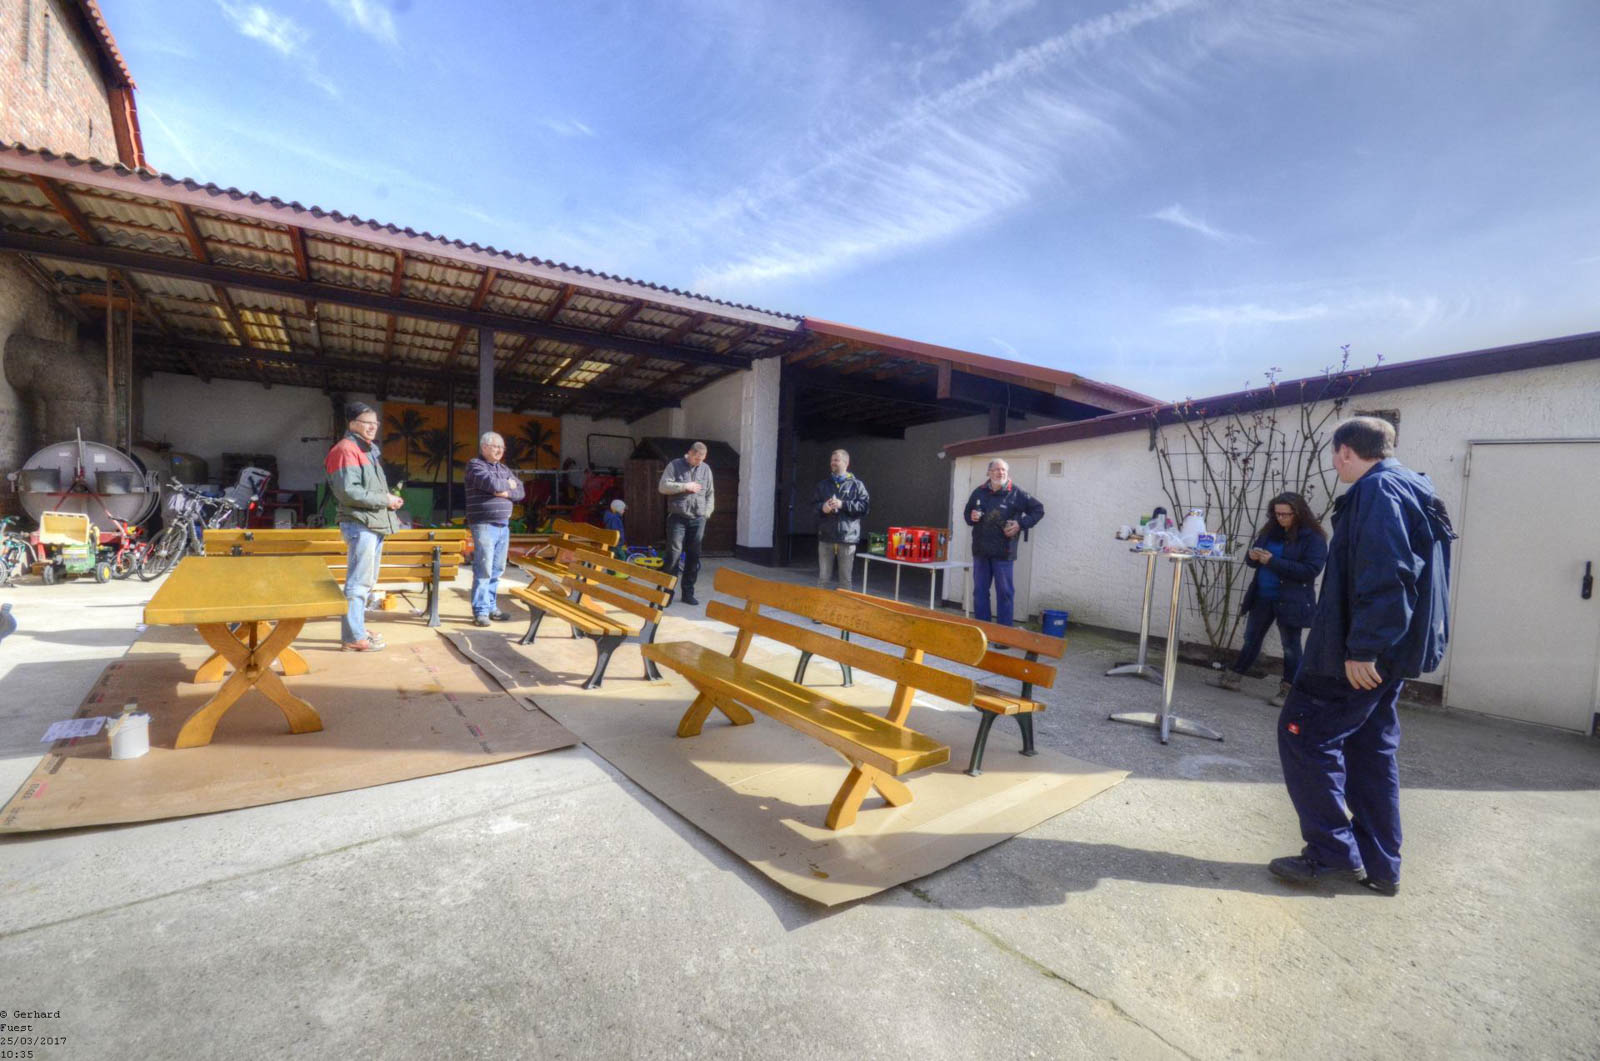 Bei schönstem Wetter wurden - hauptsächlich von den Mitgliedern des Ortsrates - die Bänke gestrichen